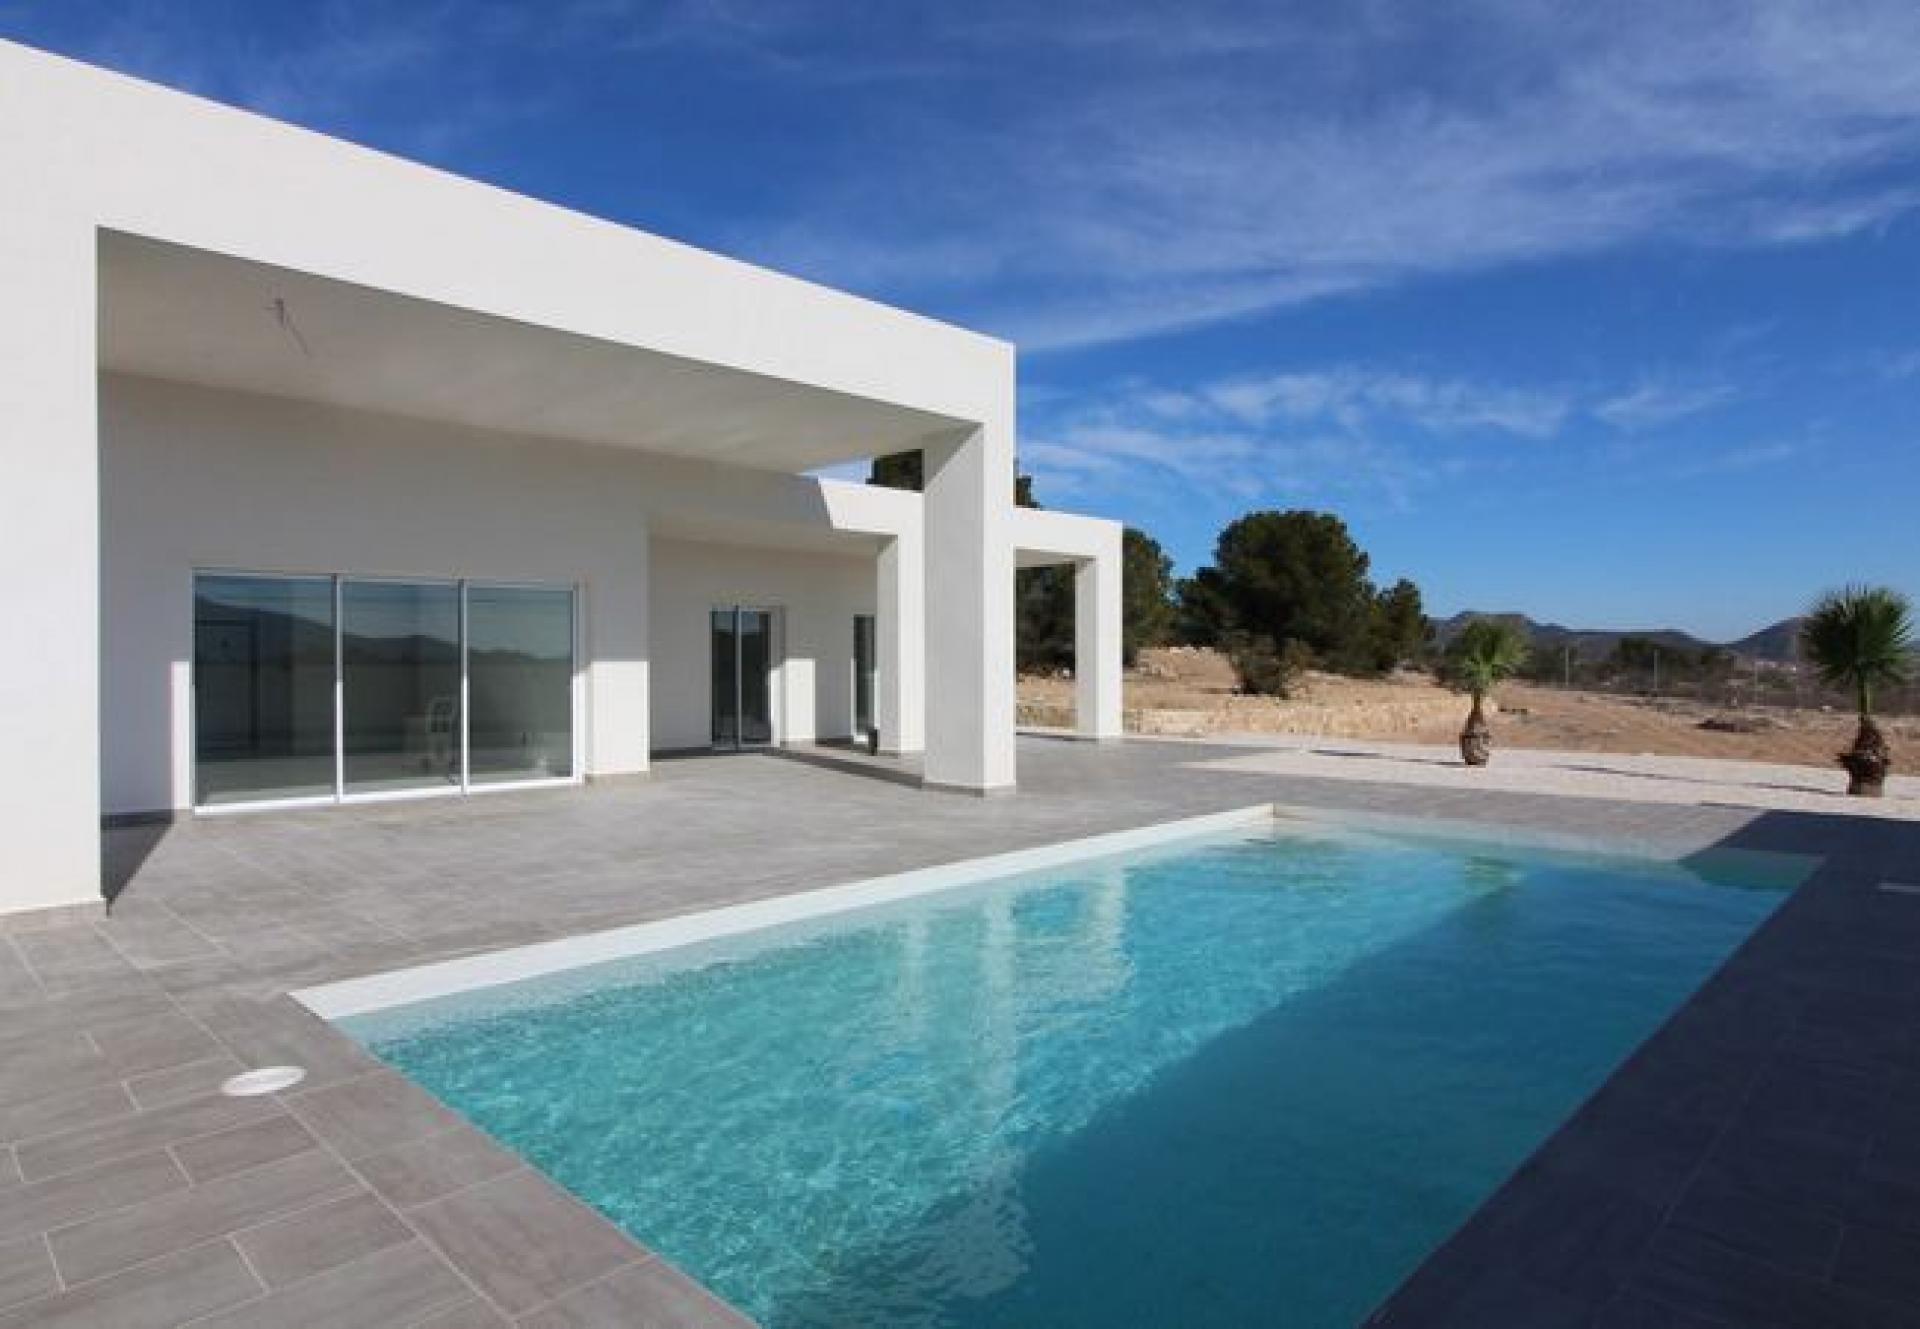 Huis - Villa te bouwen Costa Blanca - Spanje in Medvilla Spanje